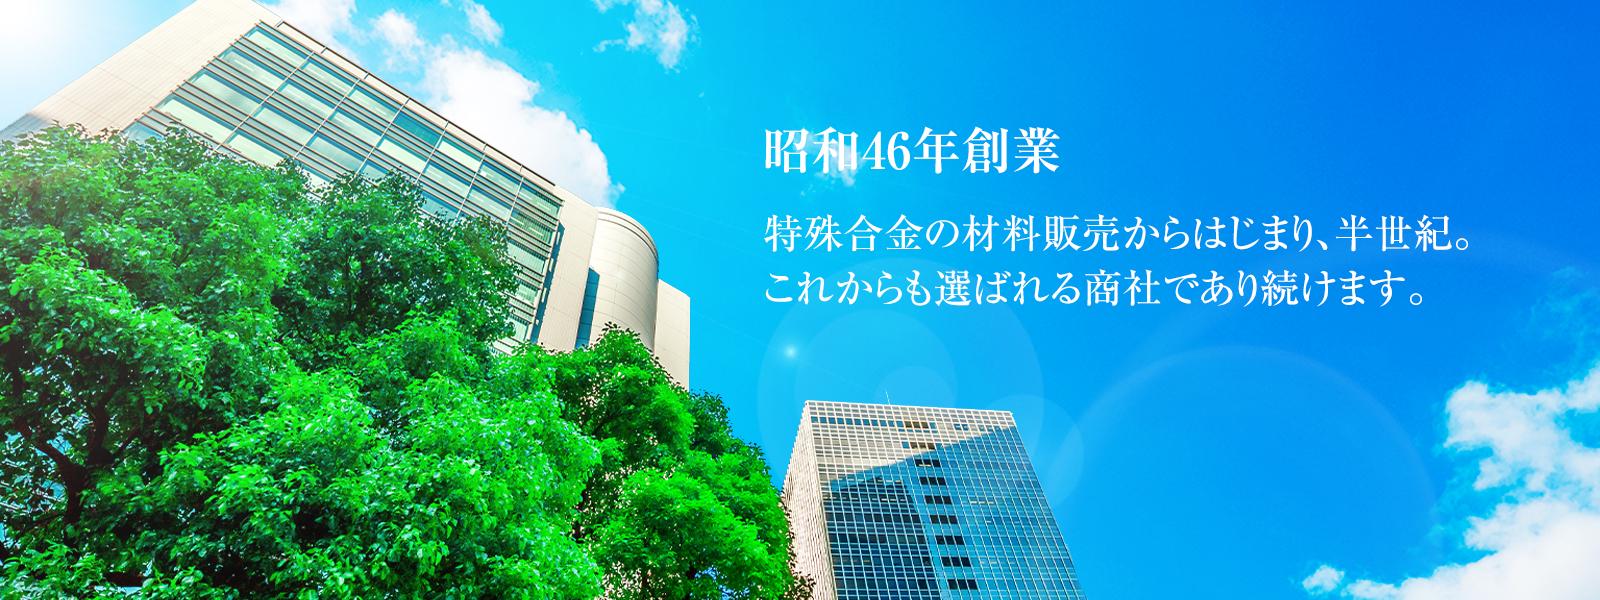 昭和46年創業